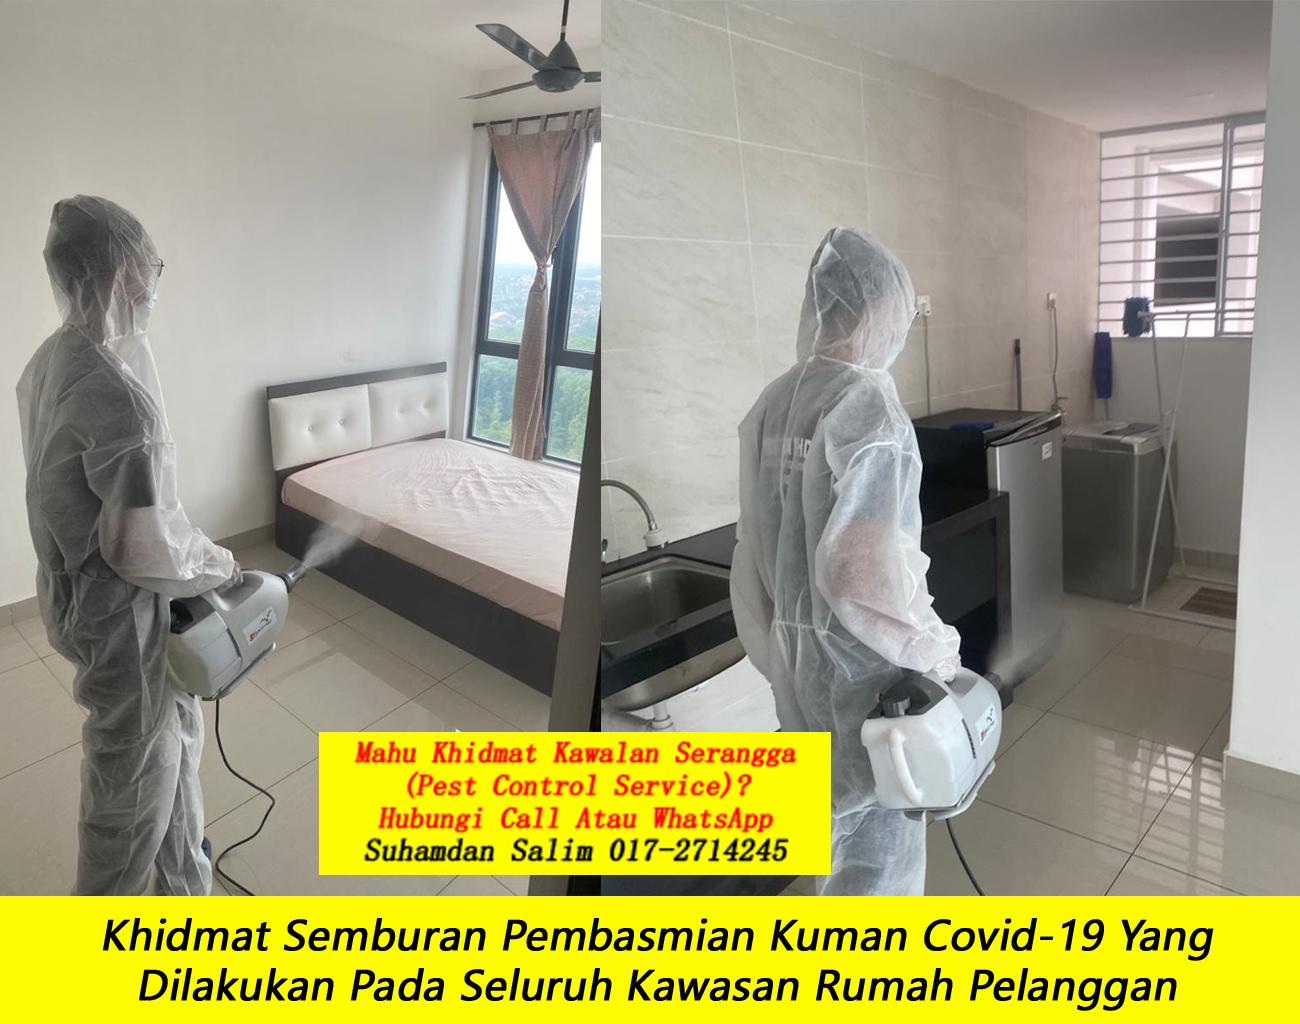 khidmat sanitizing membasmi kuman Covid-19 Disinfection Service semburan sanitize covid 19 paling berkesan dengan harga berpatutan the best service covid-19 johol negeri sembilan felda